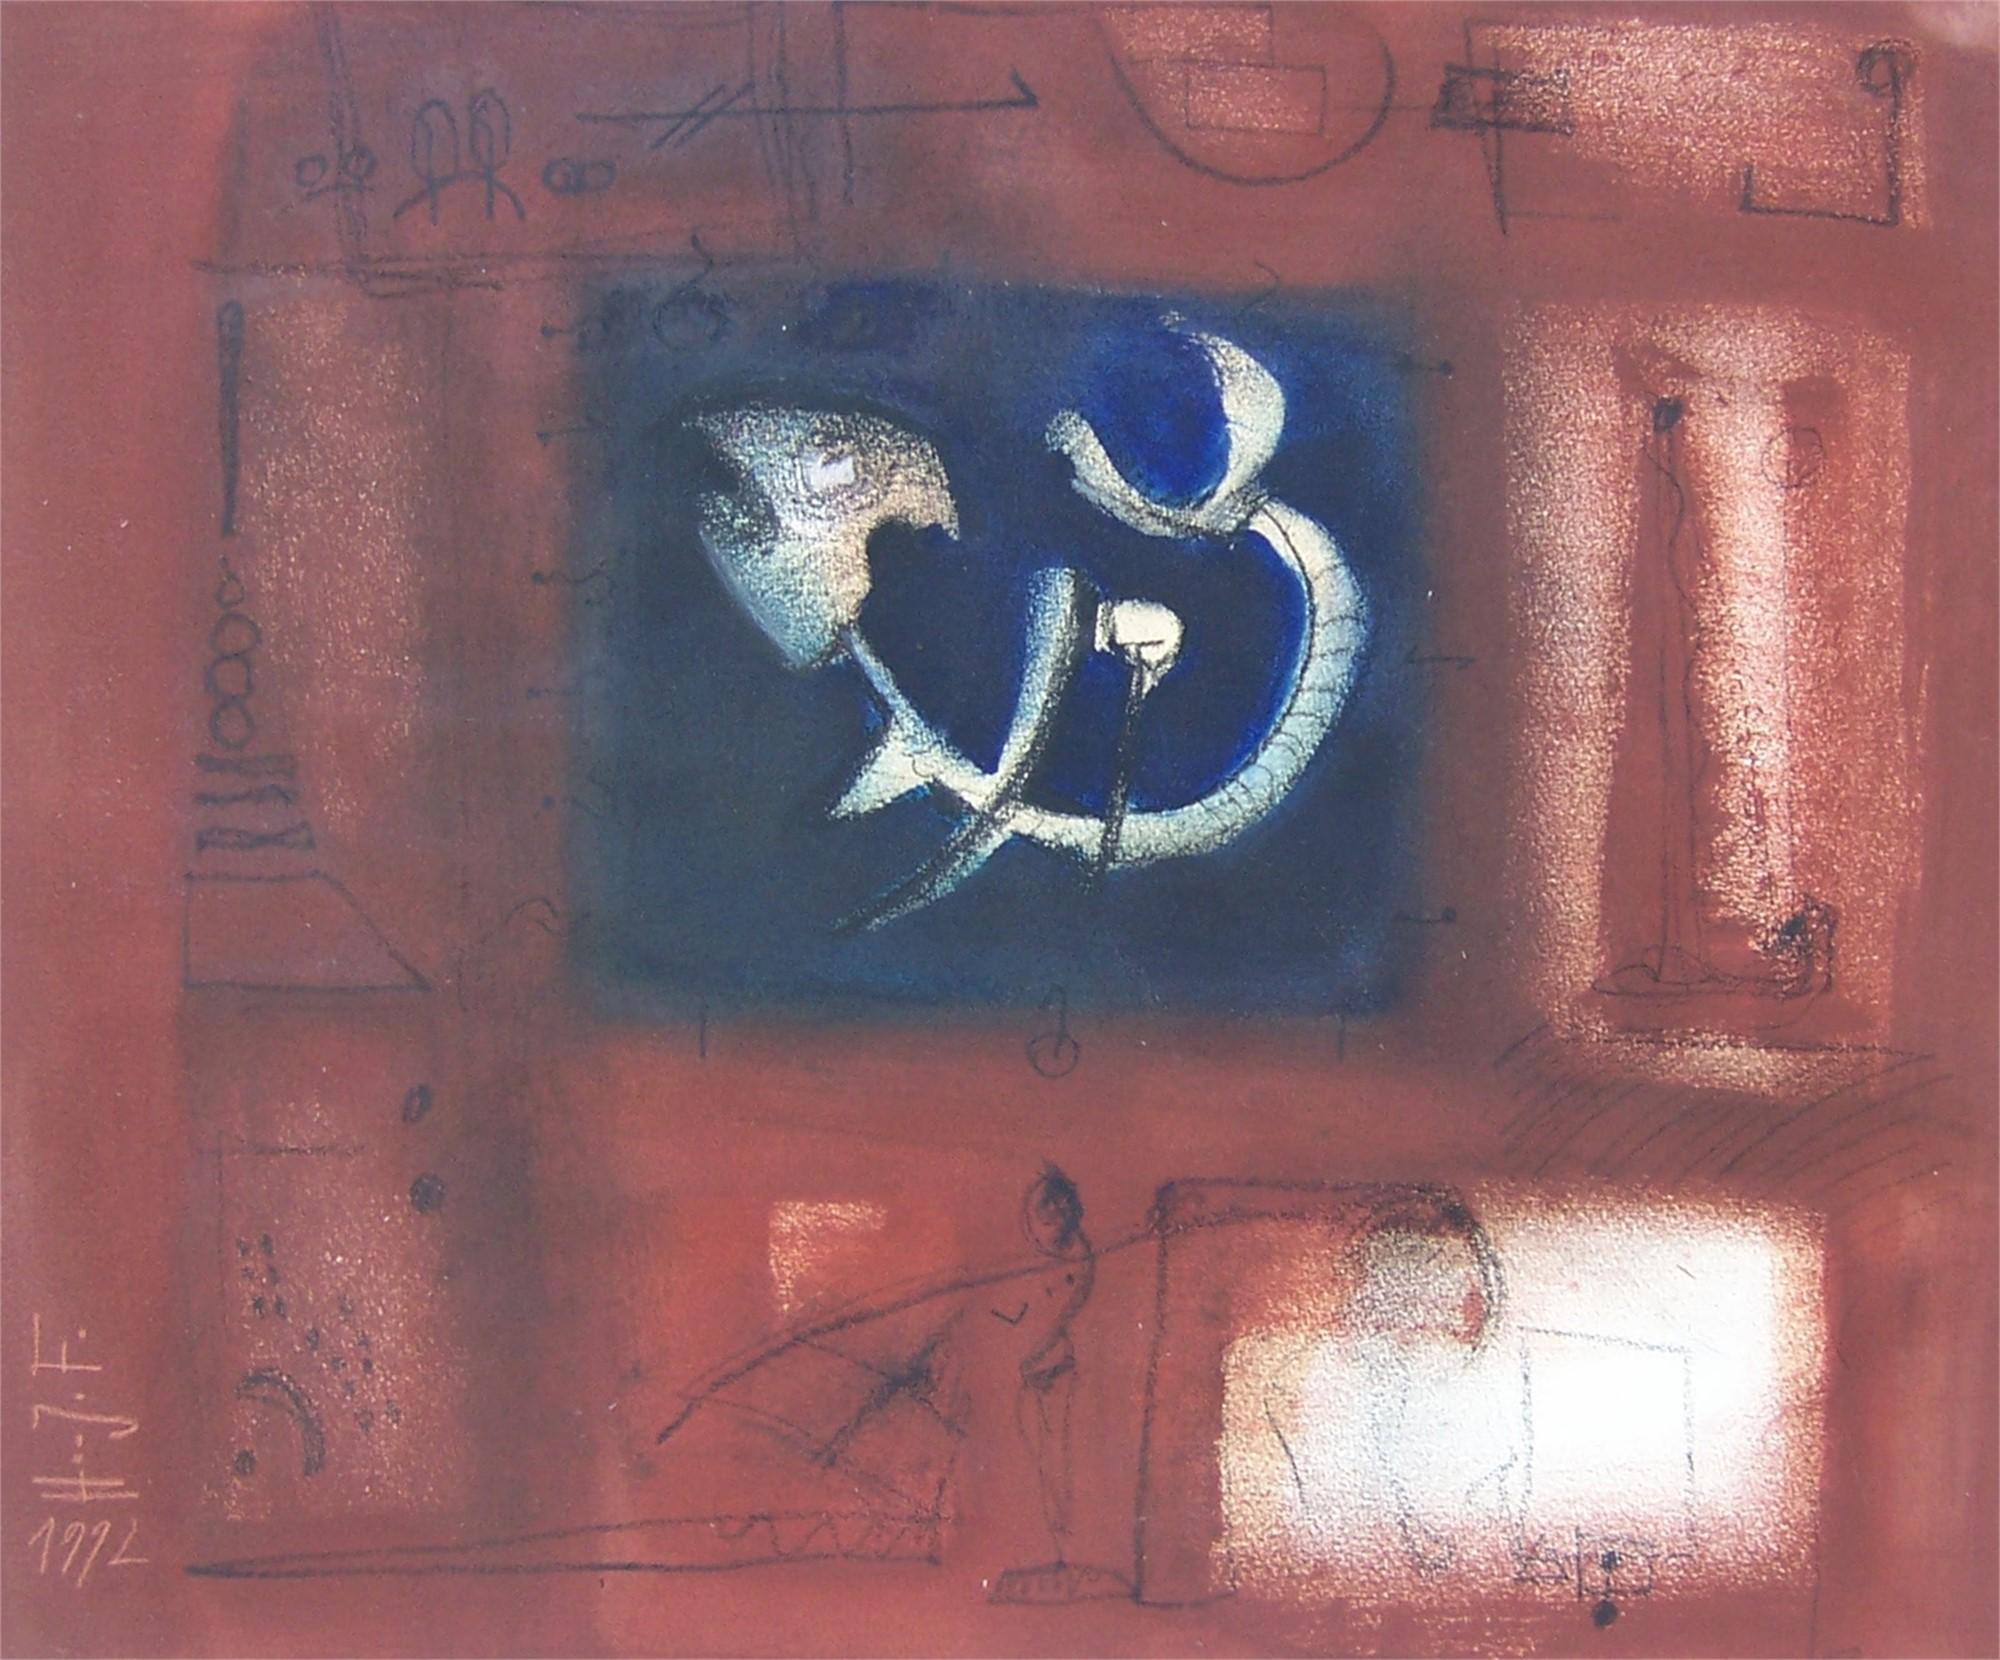 Fisch - Traum by Hans Joerg Fuerpass